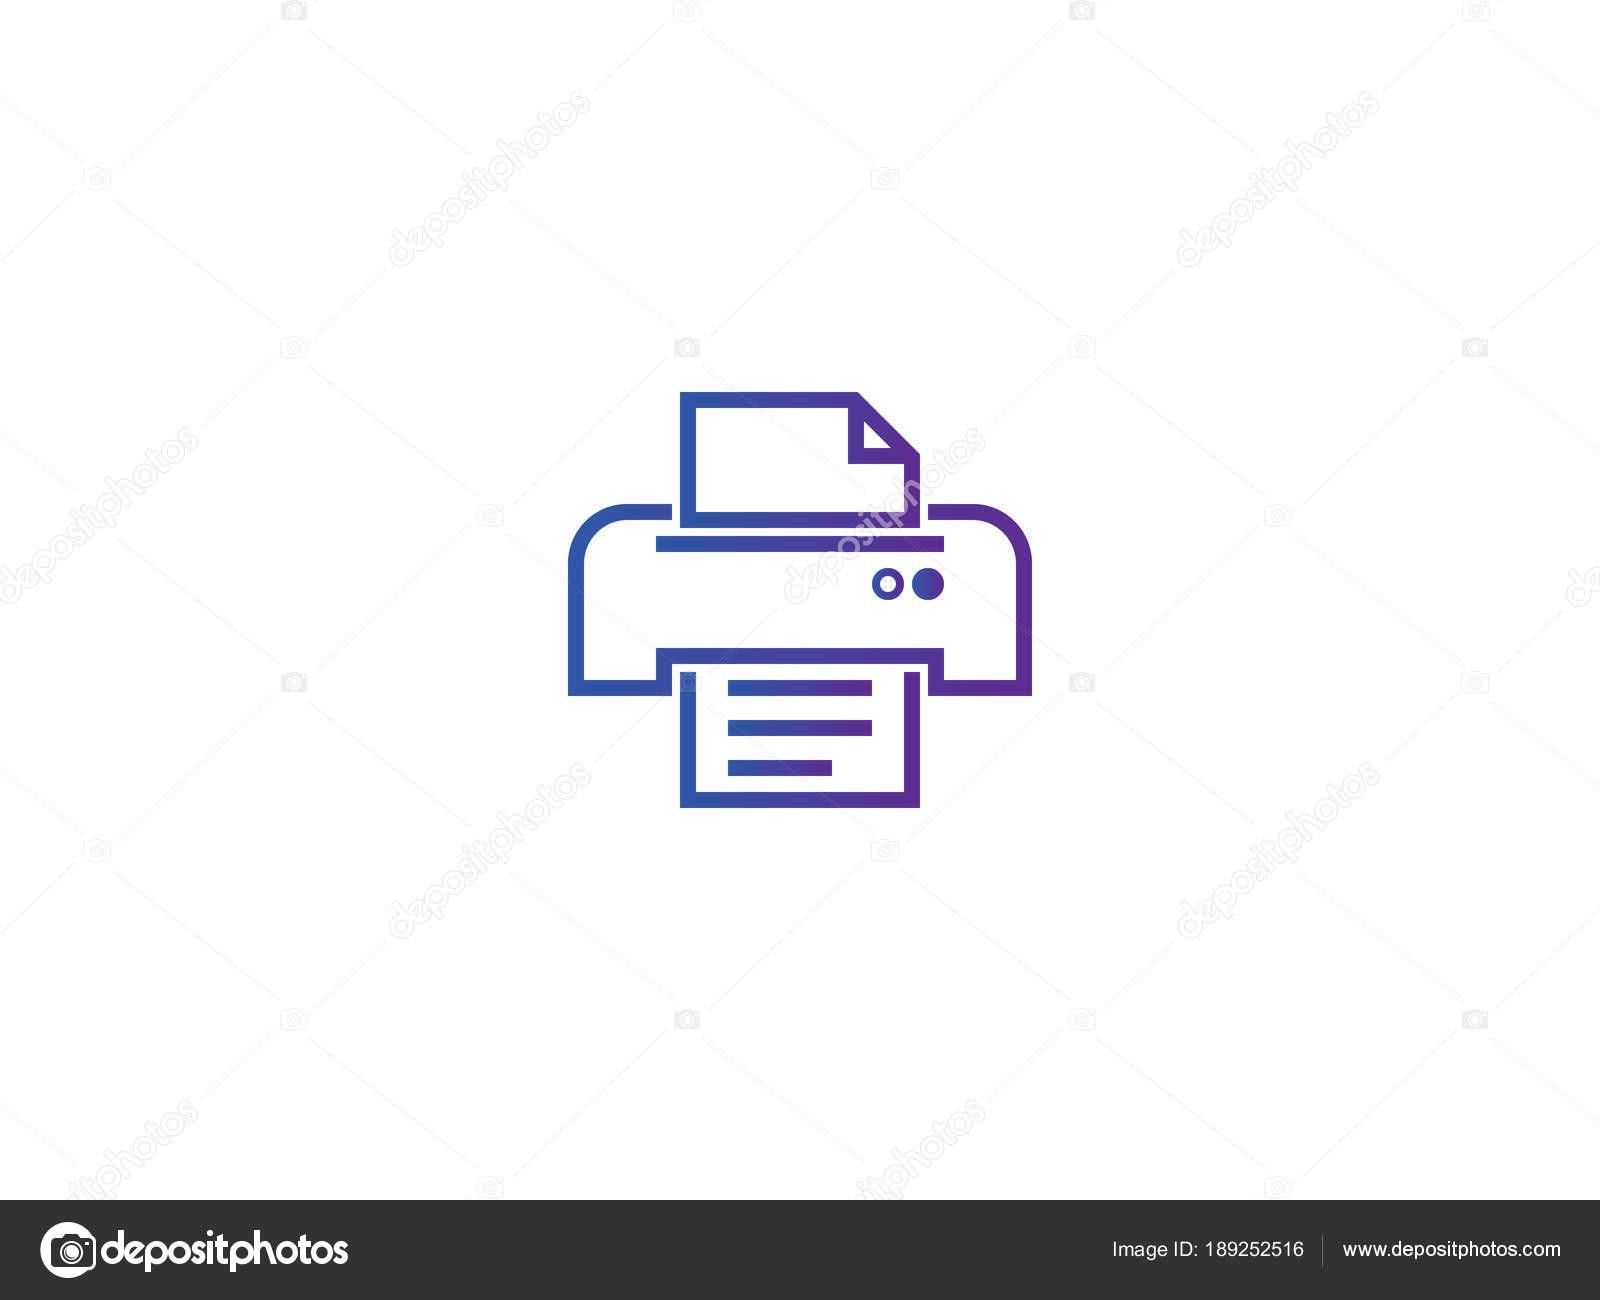 icono de símbolo de impresora. Ilustración de vector de plantilla de ...